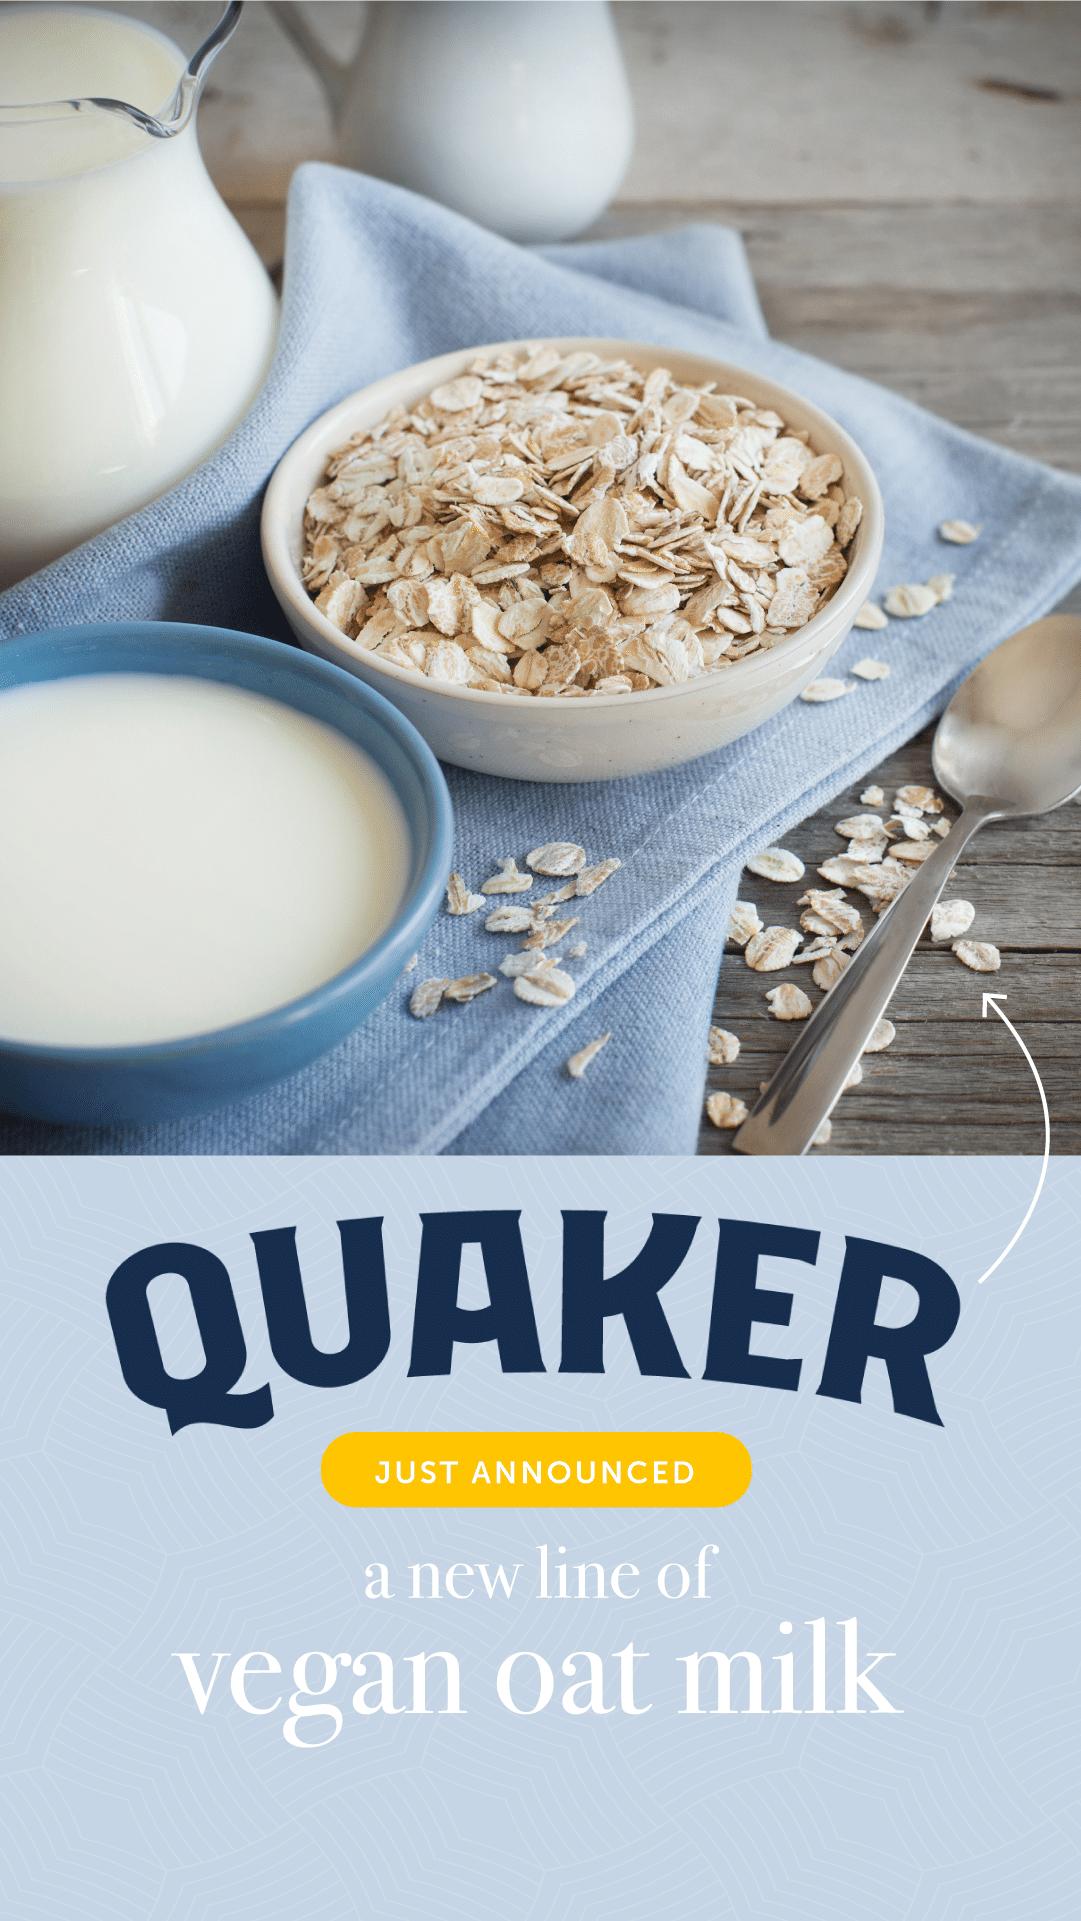 Quaker Just Announced a New Line of Vegan Oat Milk